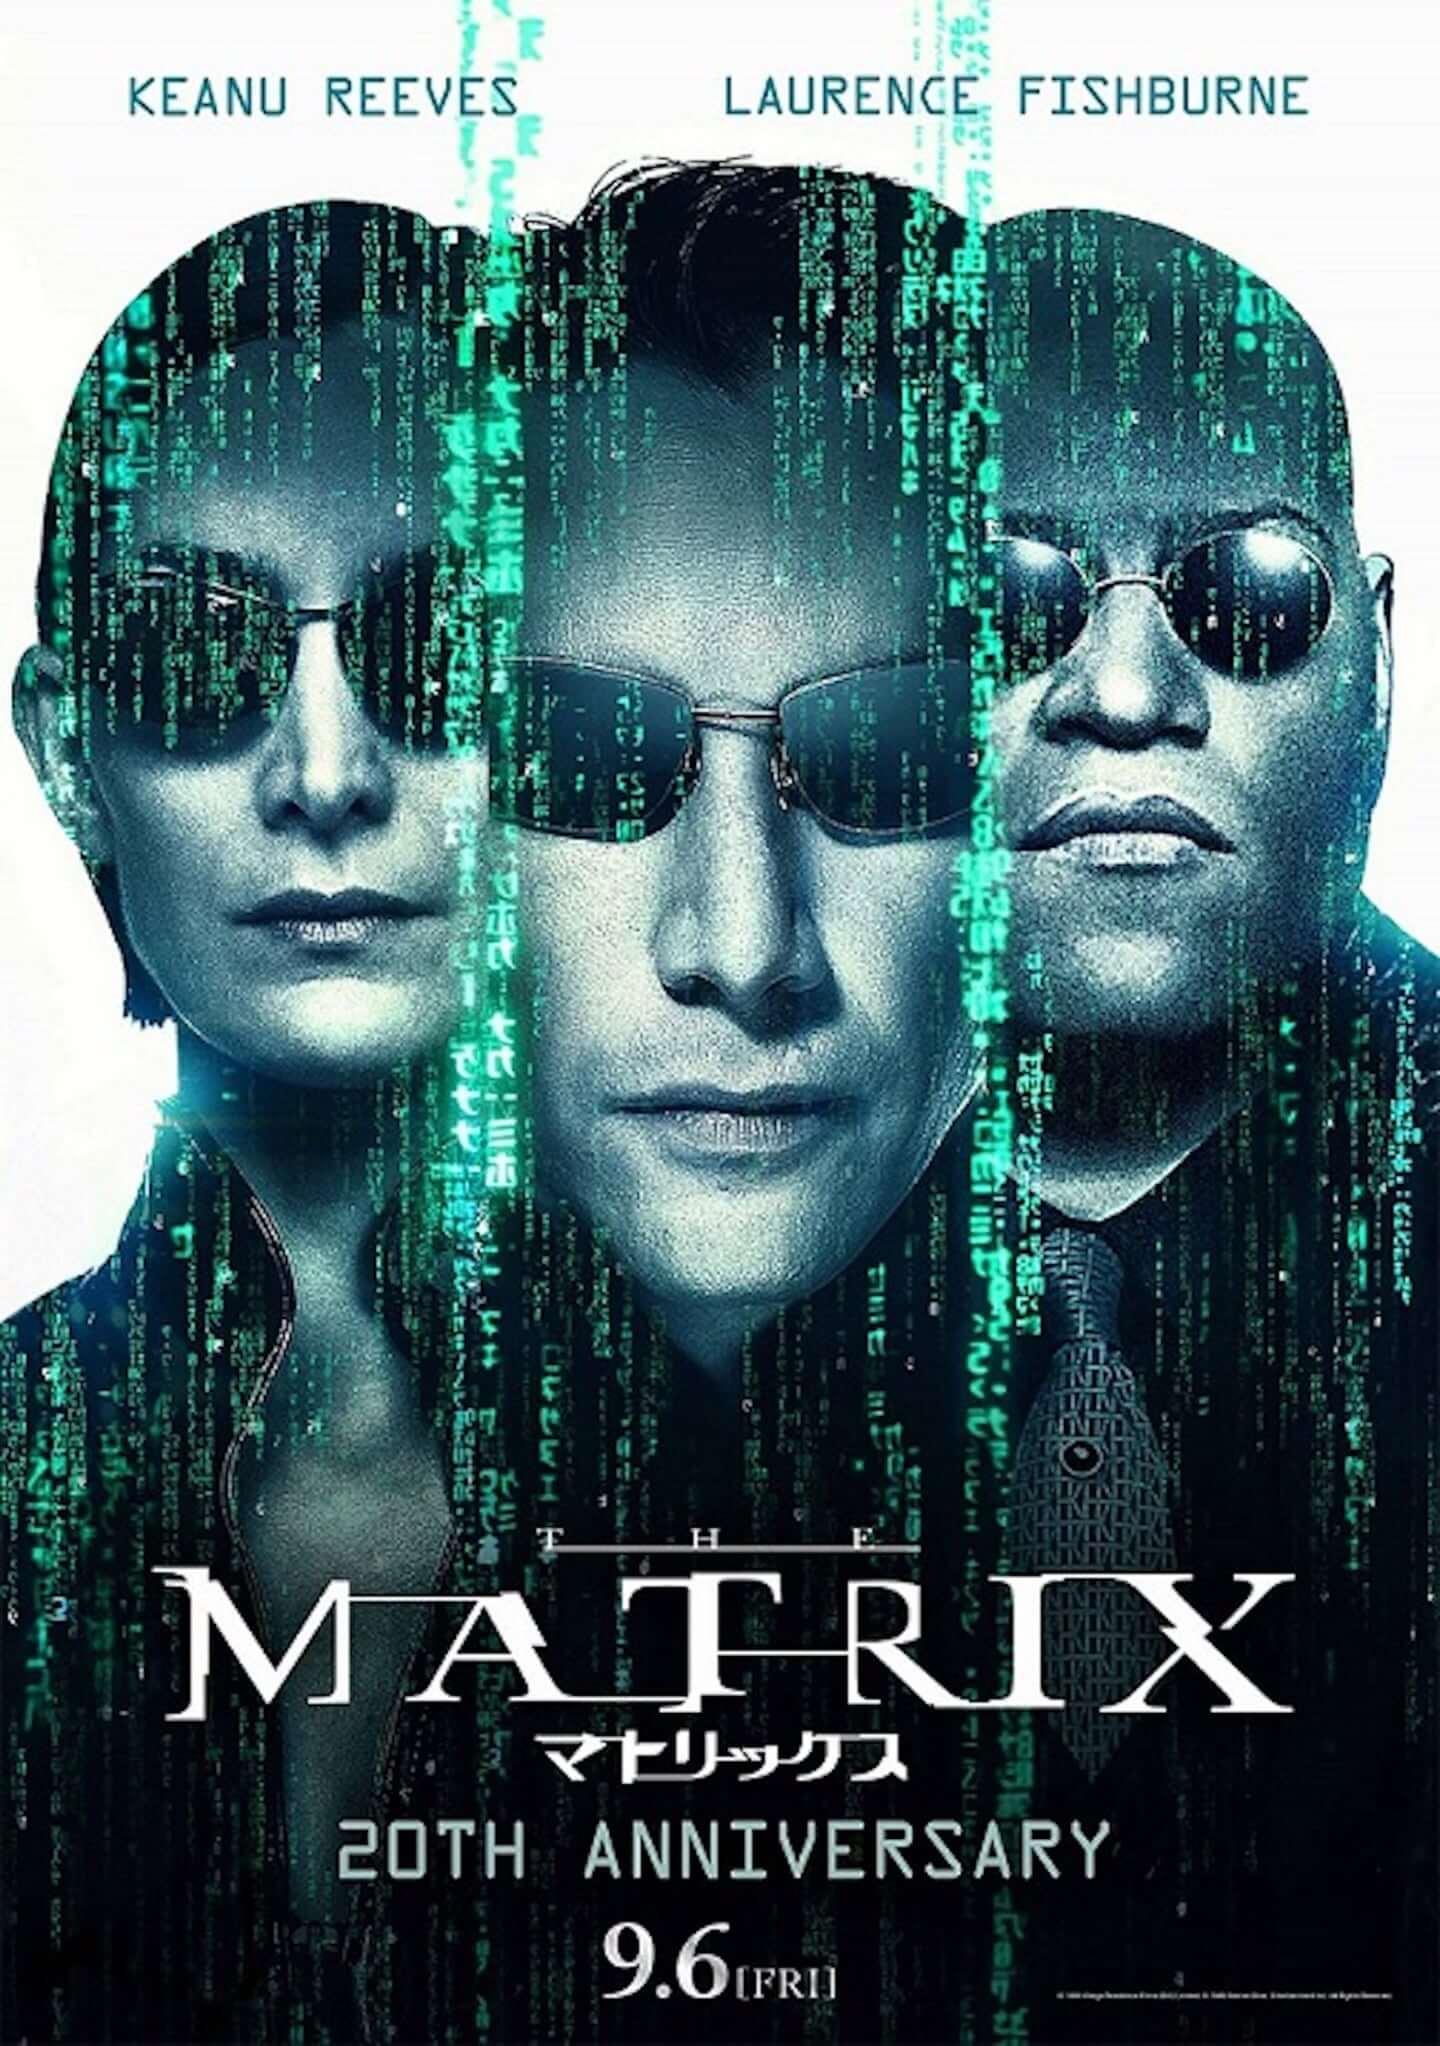 【速報】『マトリックス4』製作決定!主役ネオを演じるのはもちろんキアヌ・リーヴス a9ebfcce4a97f605ae0b63f2a45884c2-1440x2046